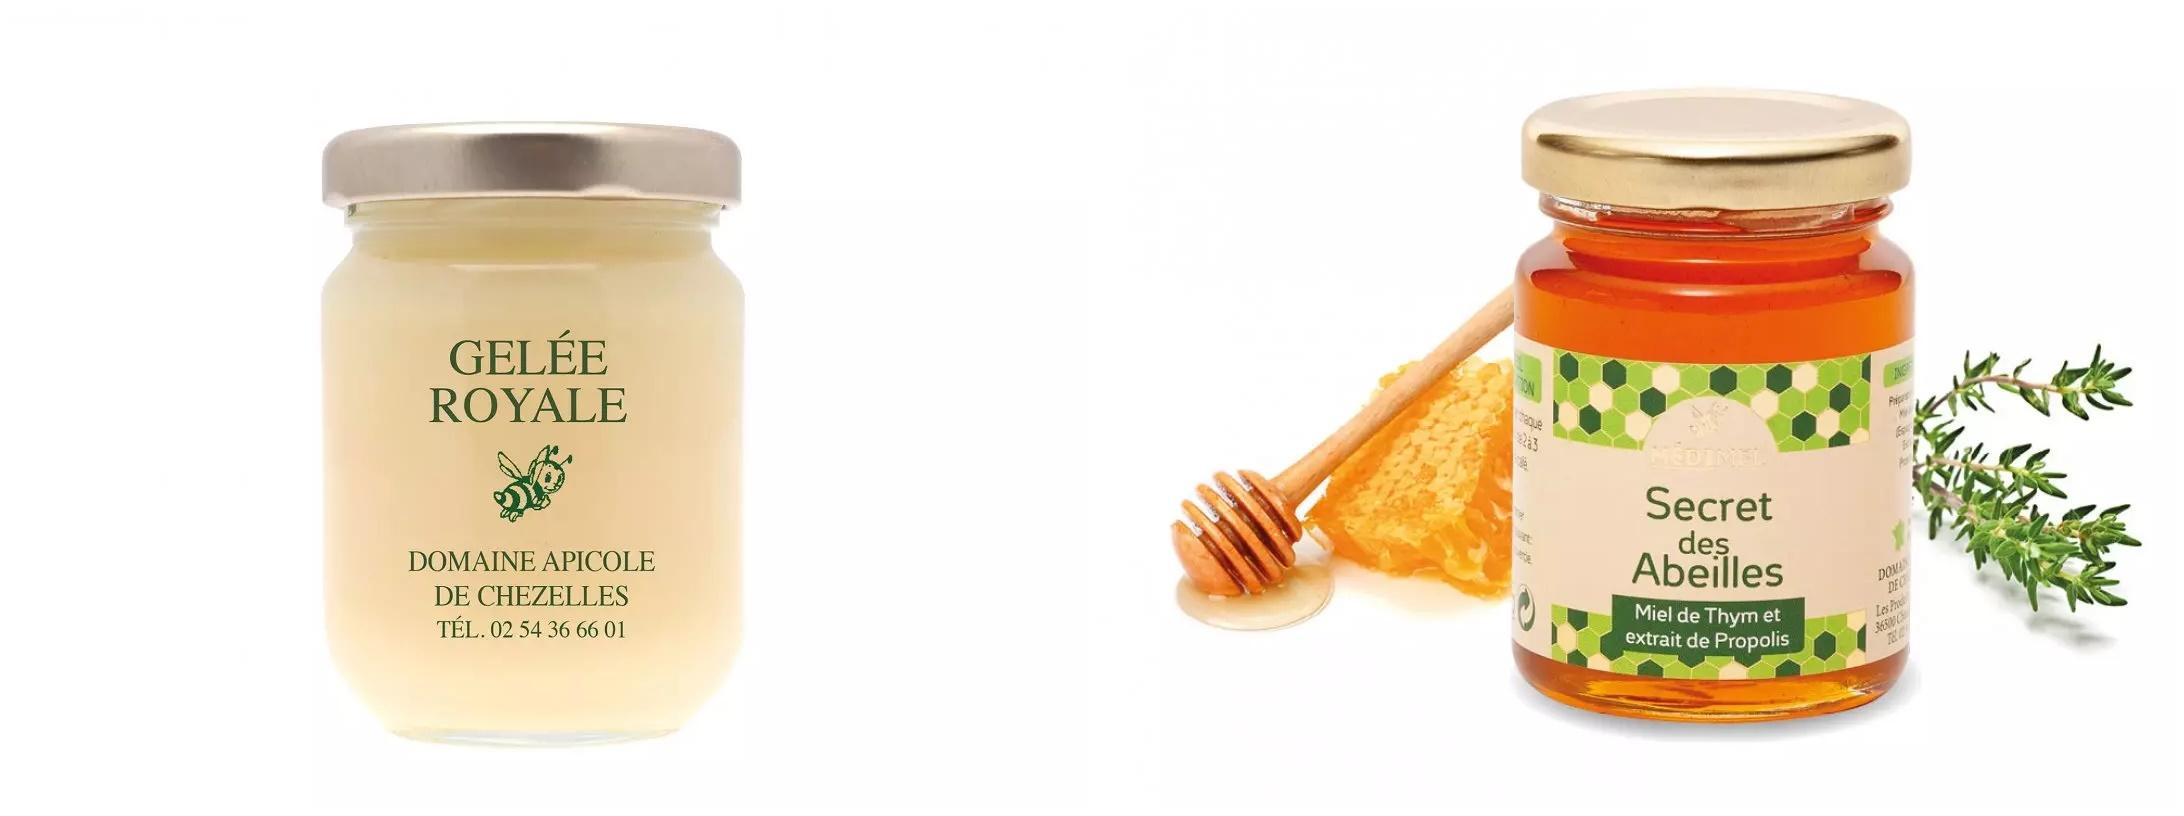 produits domaine apicole de chezelles propolis gelée royale